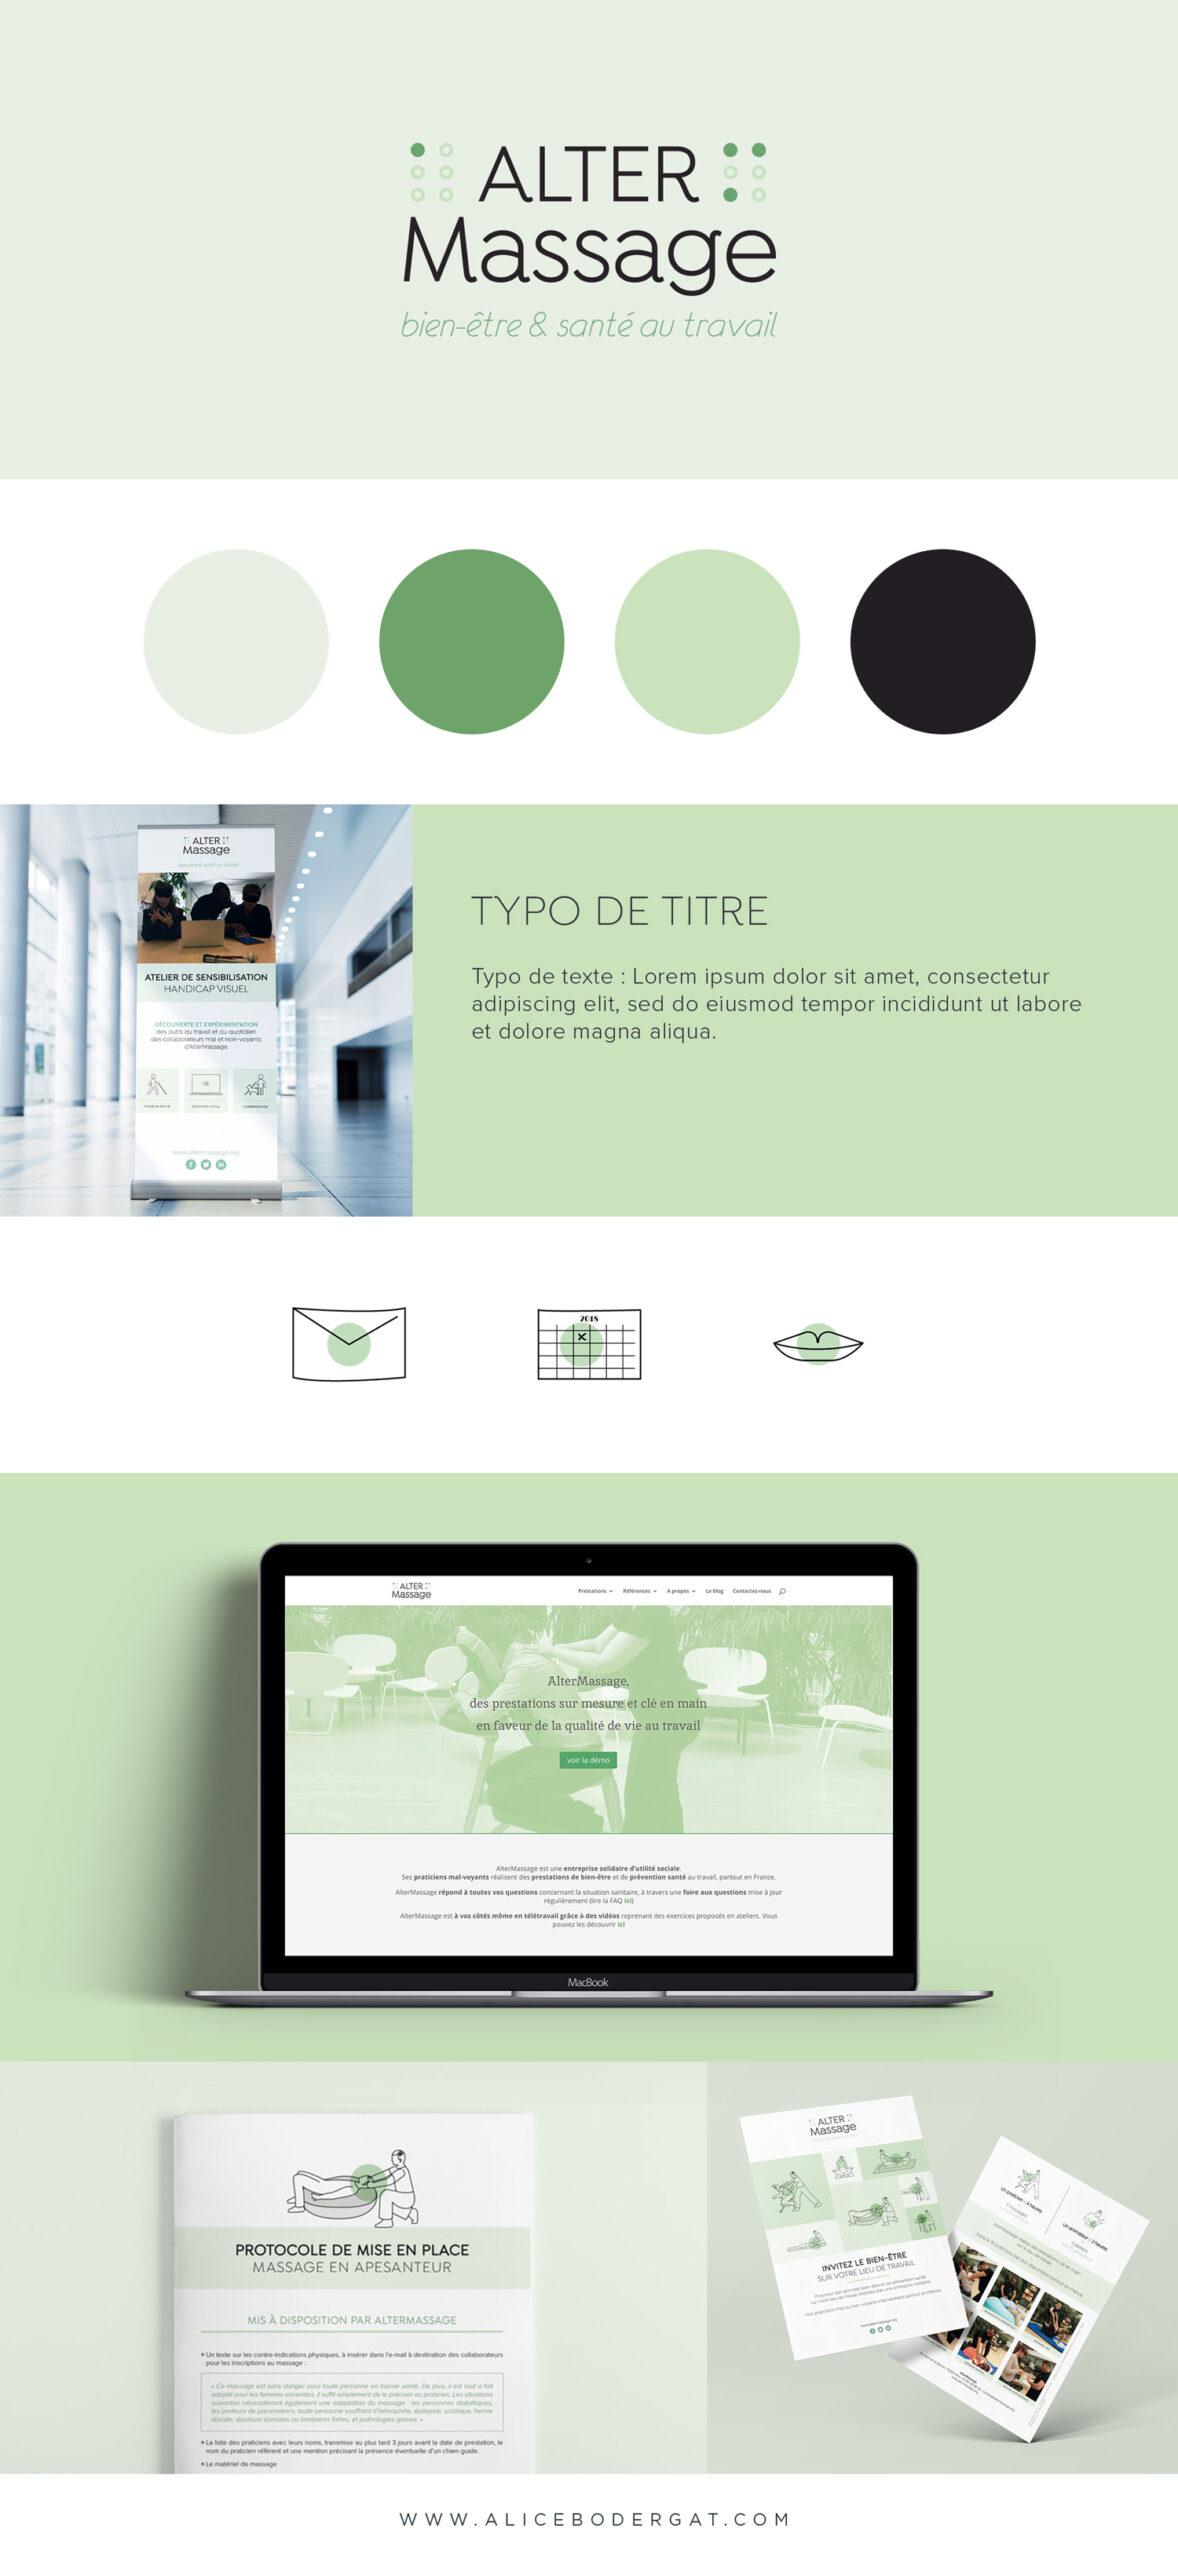 Altermassage création d'identité visuelle, branding et site internet